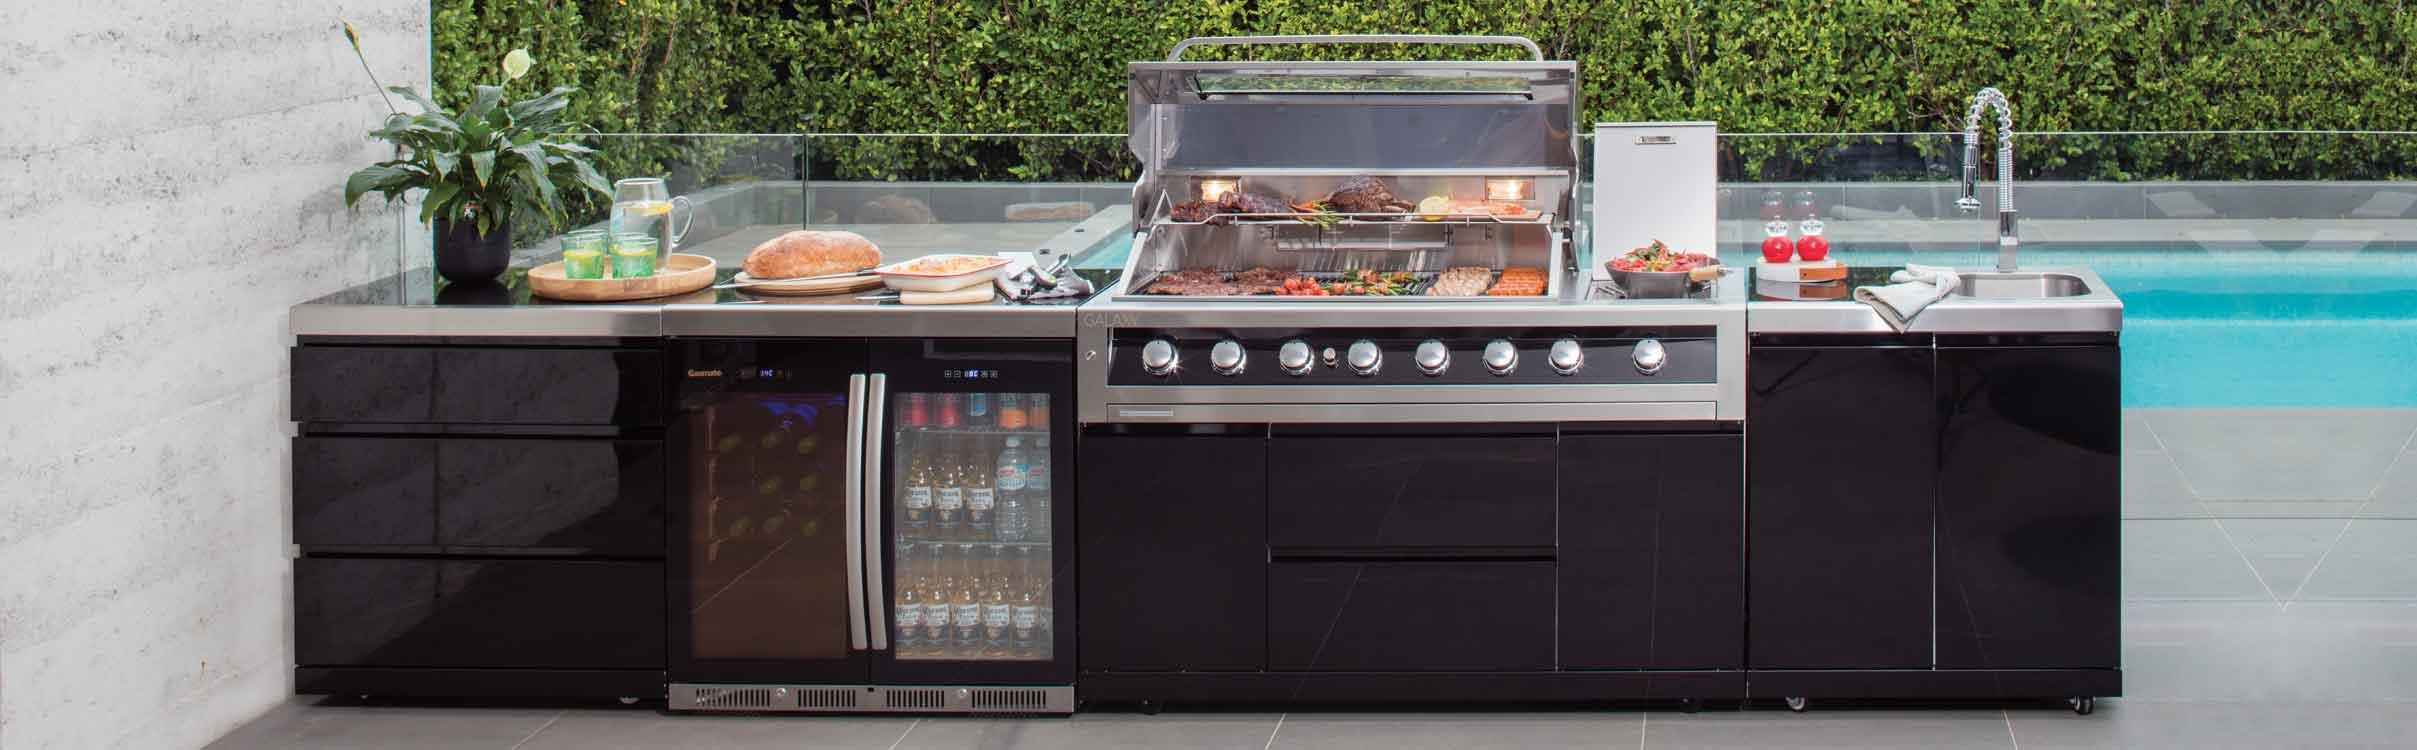 bbq kitchen cabinet organizing ideas outdoor kitchens range gasmate